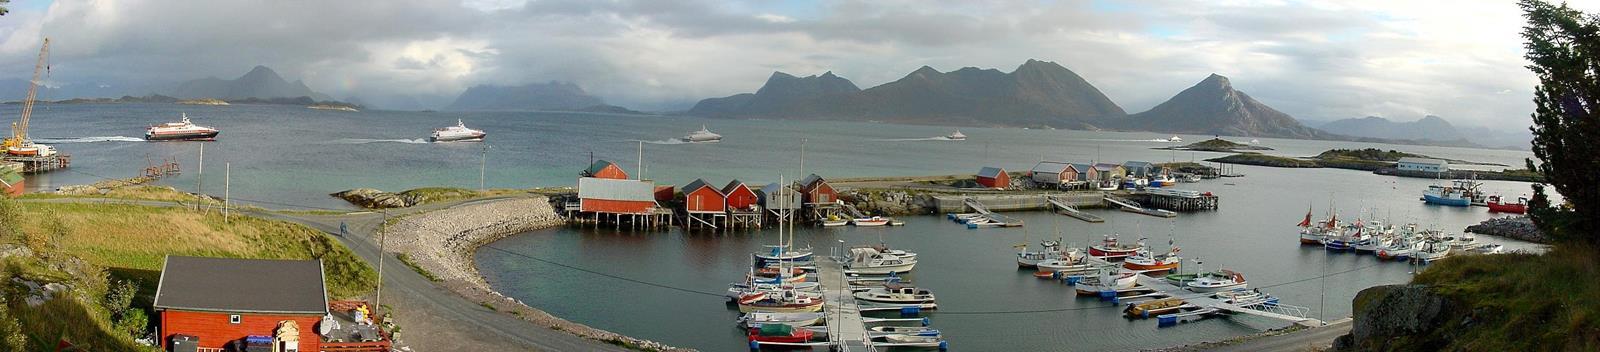 panorama-bolga-havn-hytte